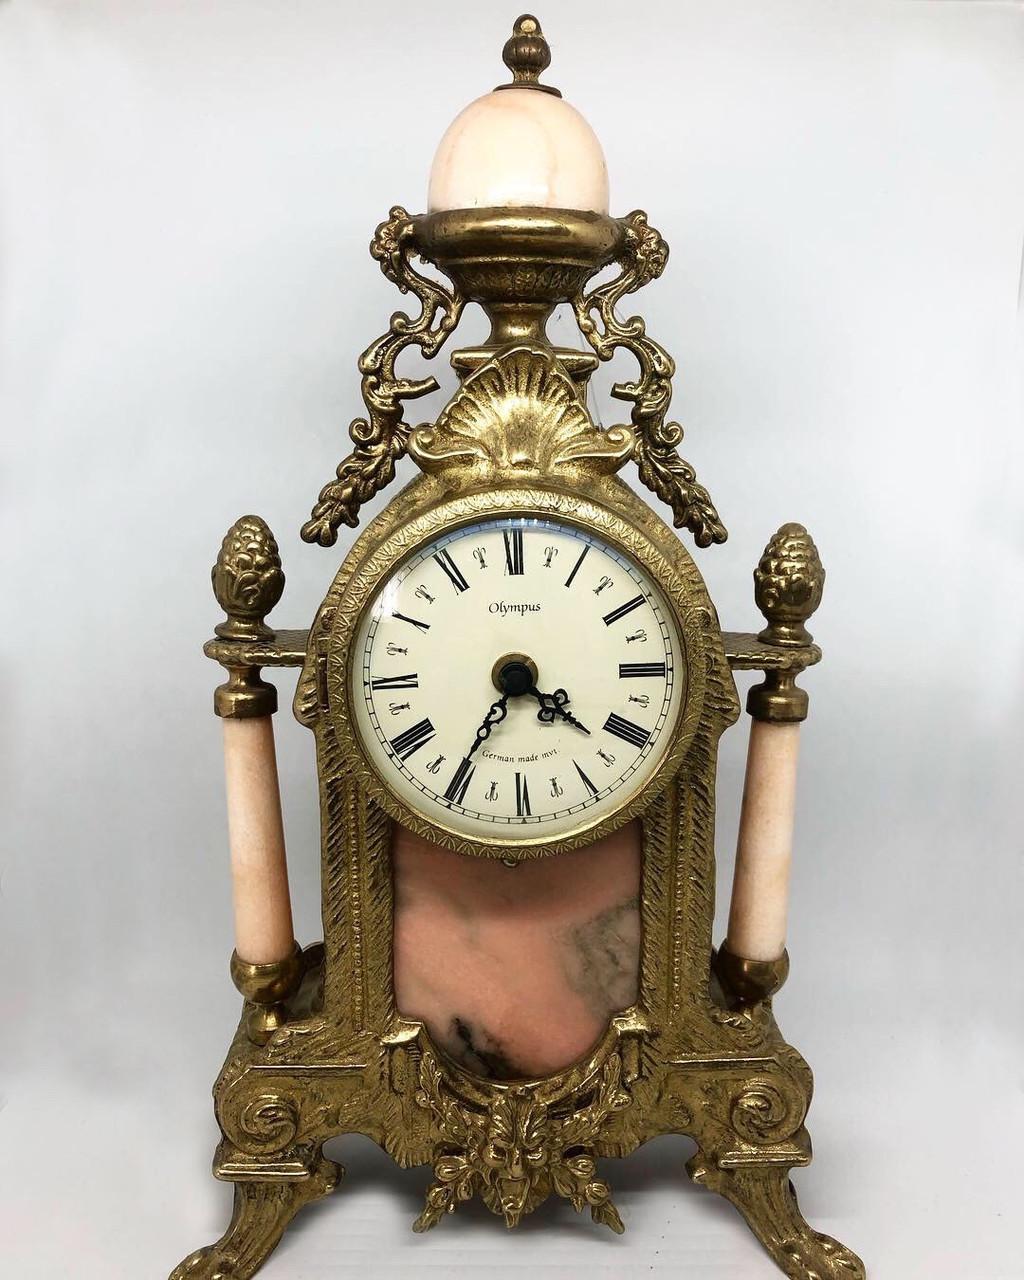 Настольные каминные часы из португальской бронзы и мрамора Virtus 1945 высота 38 см